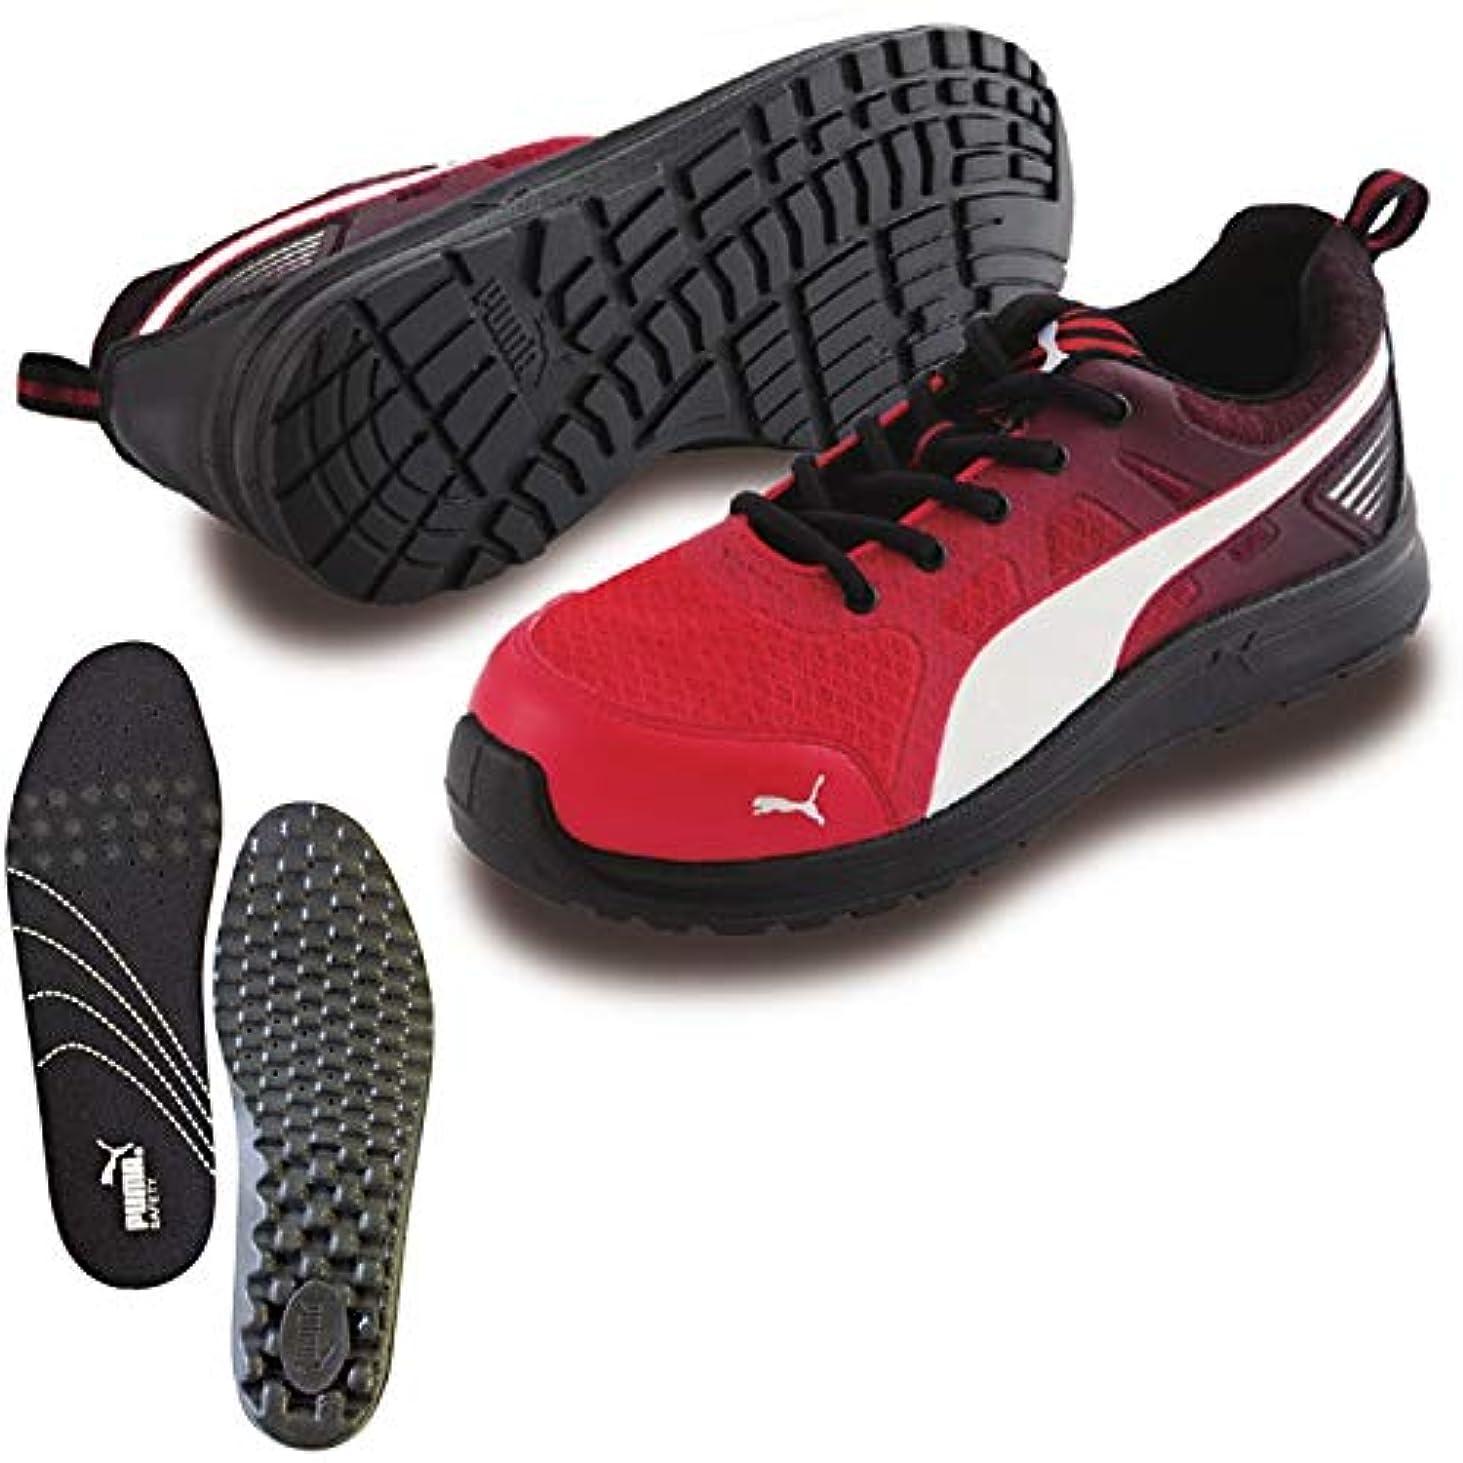 バラ色意味する放散するPUMA(プーマ) 安全靴 作業靴 マラソン レッド ロー 26.5cm 中敷き インソール付セット 64.336.0&20.450.0